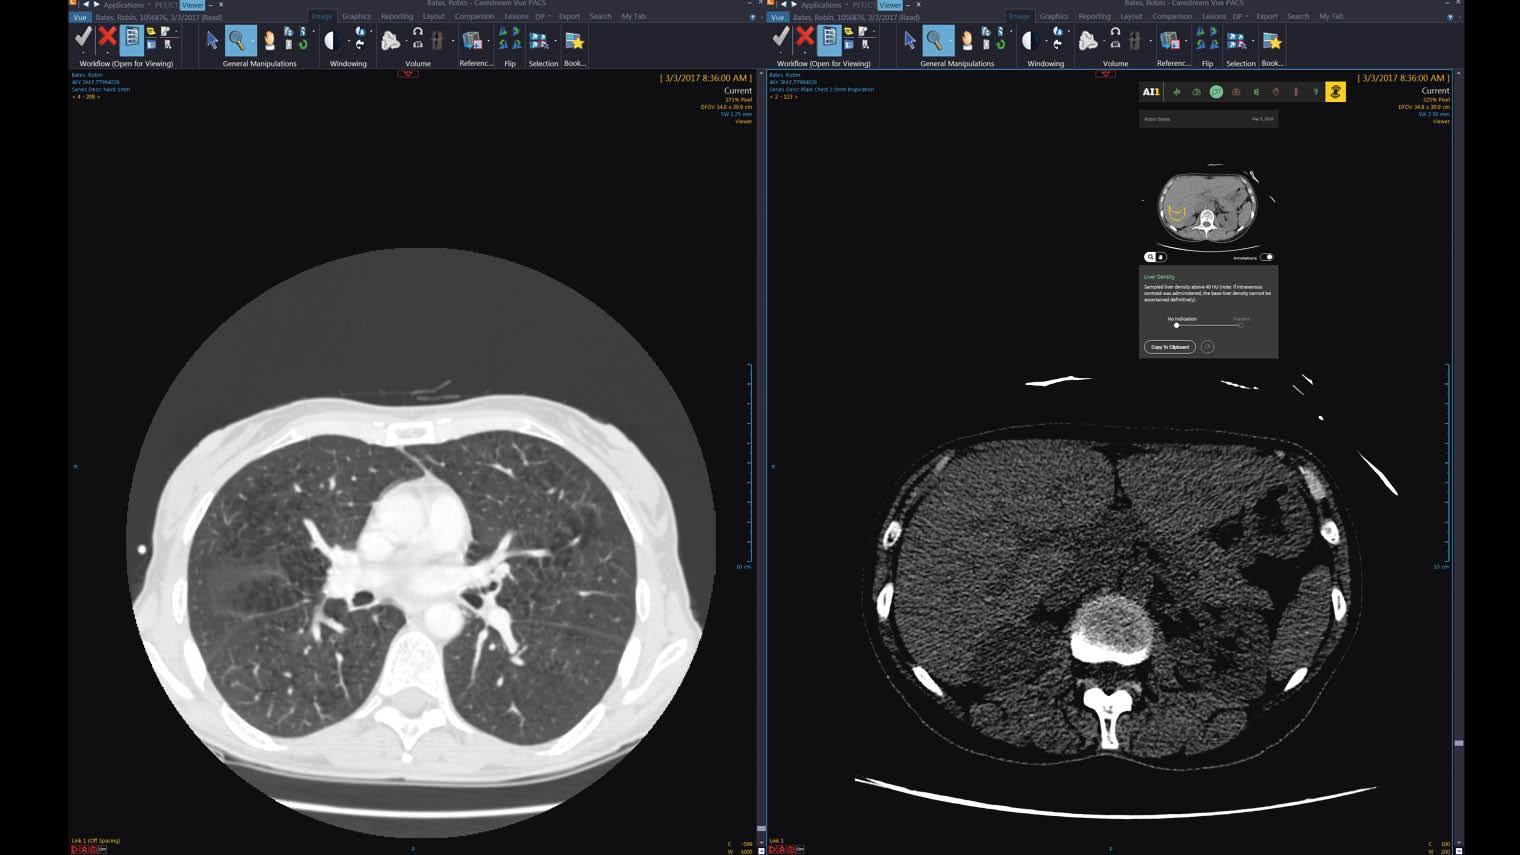 Zebra medical scan of liver